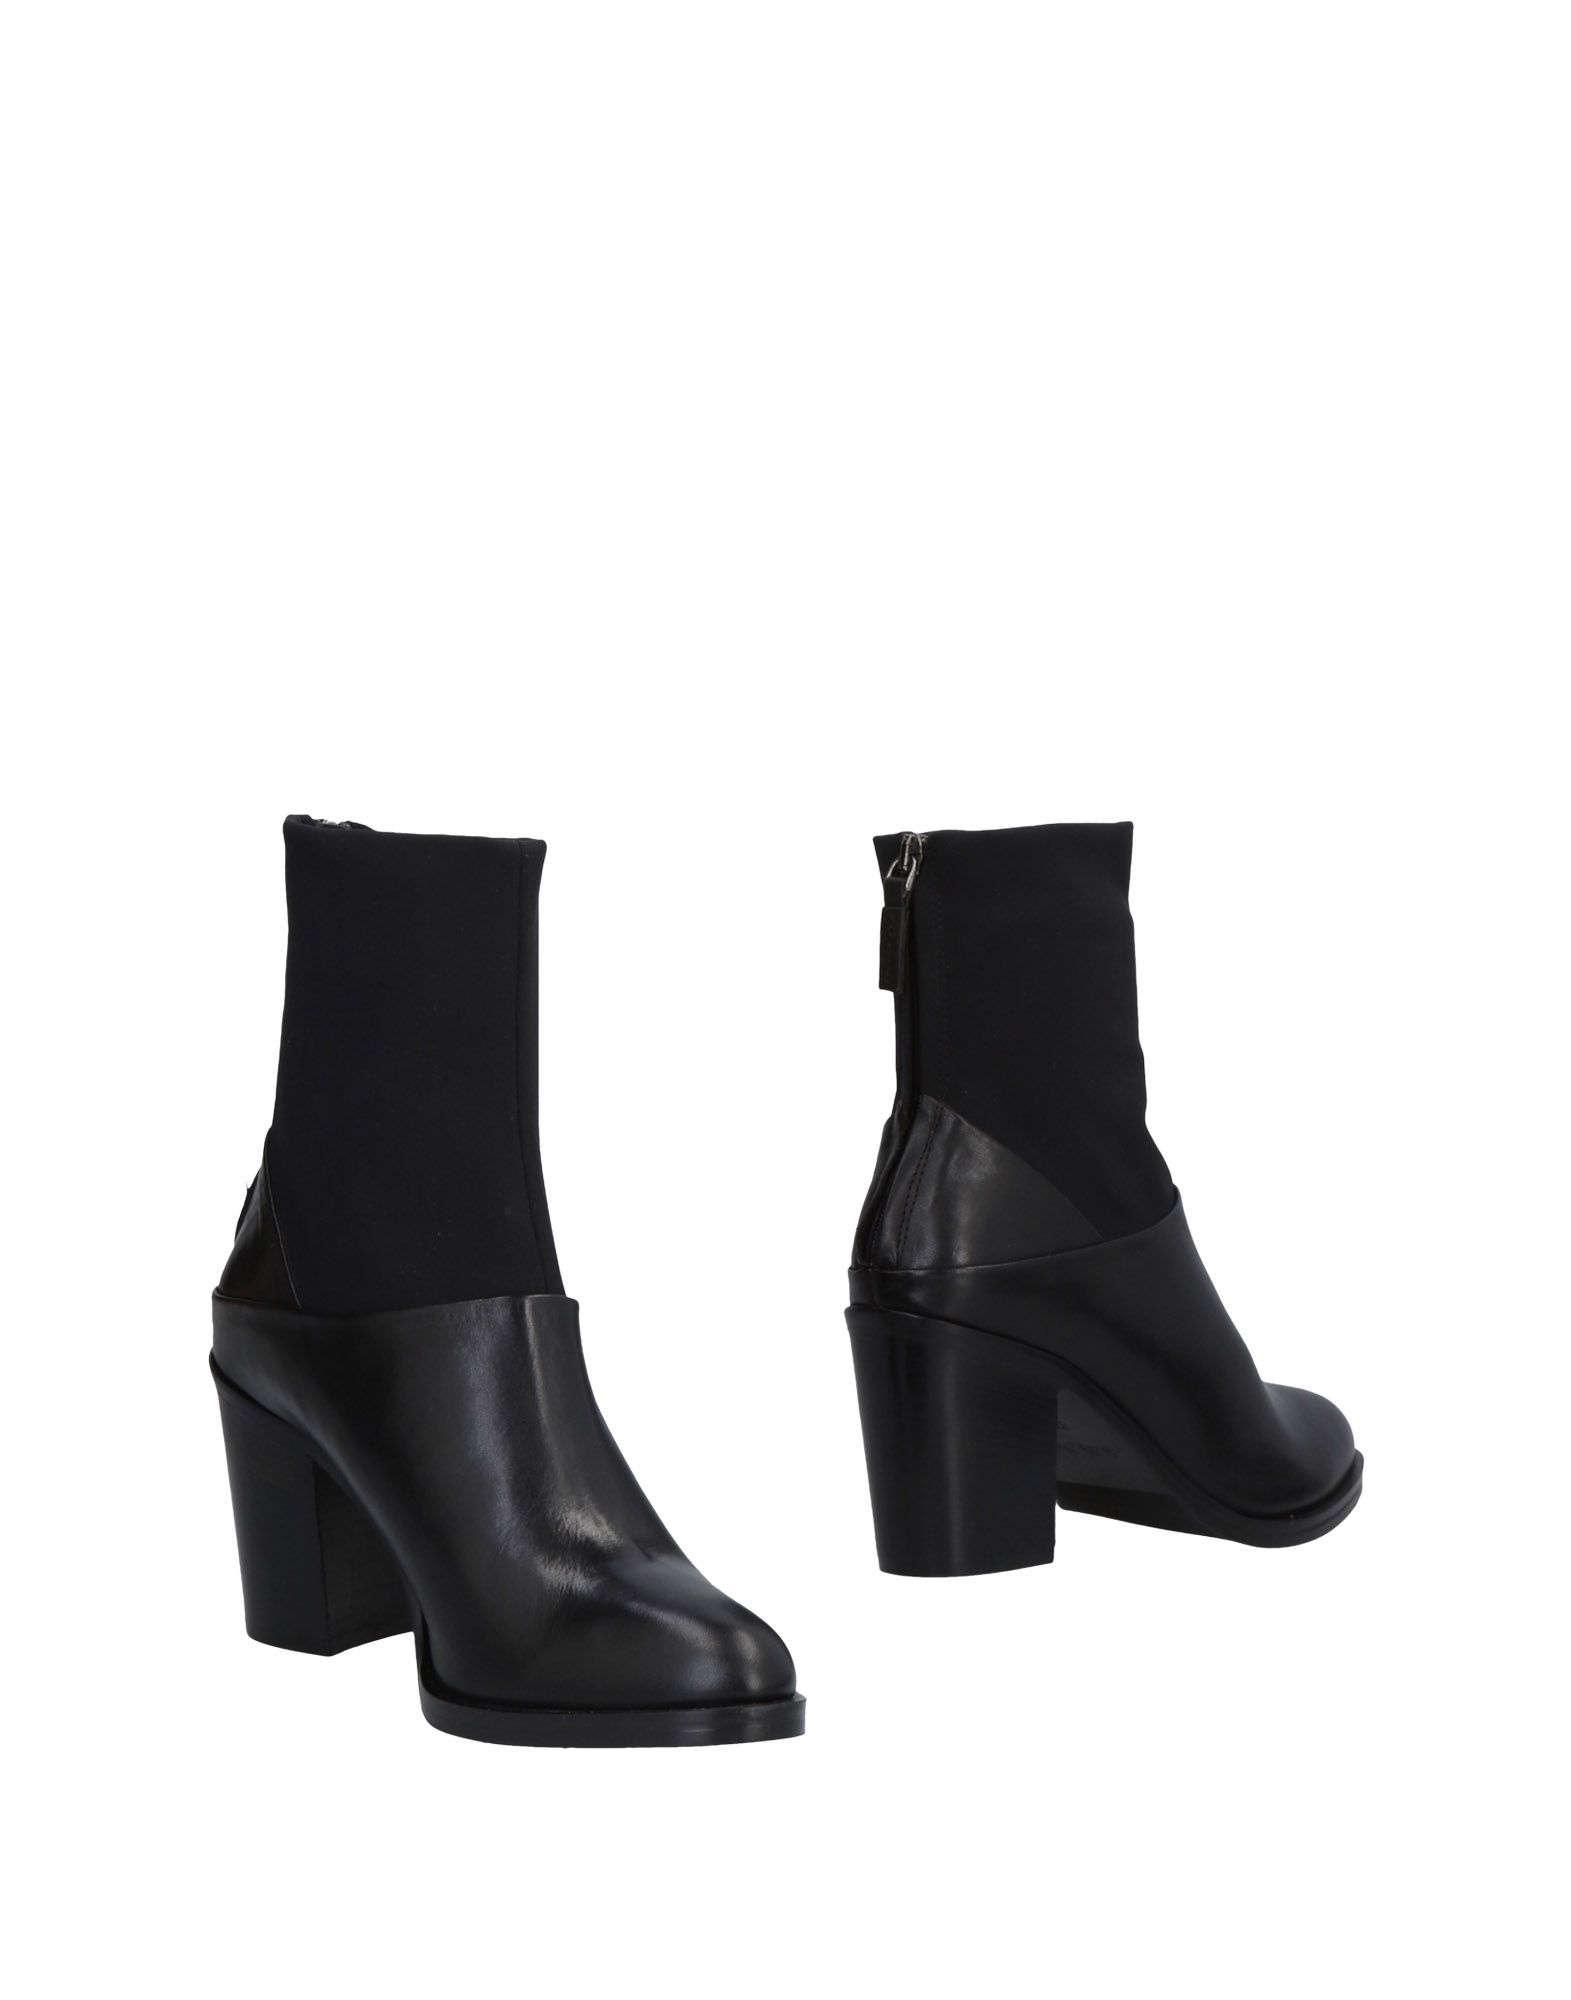 J|D JULIE DEE Полусапоги и высокие ботинки george j love полусапоги и высокие ботинки